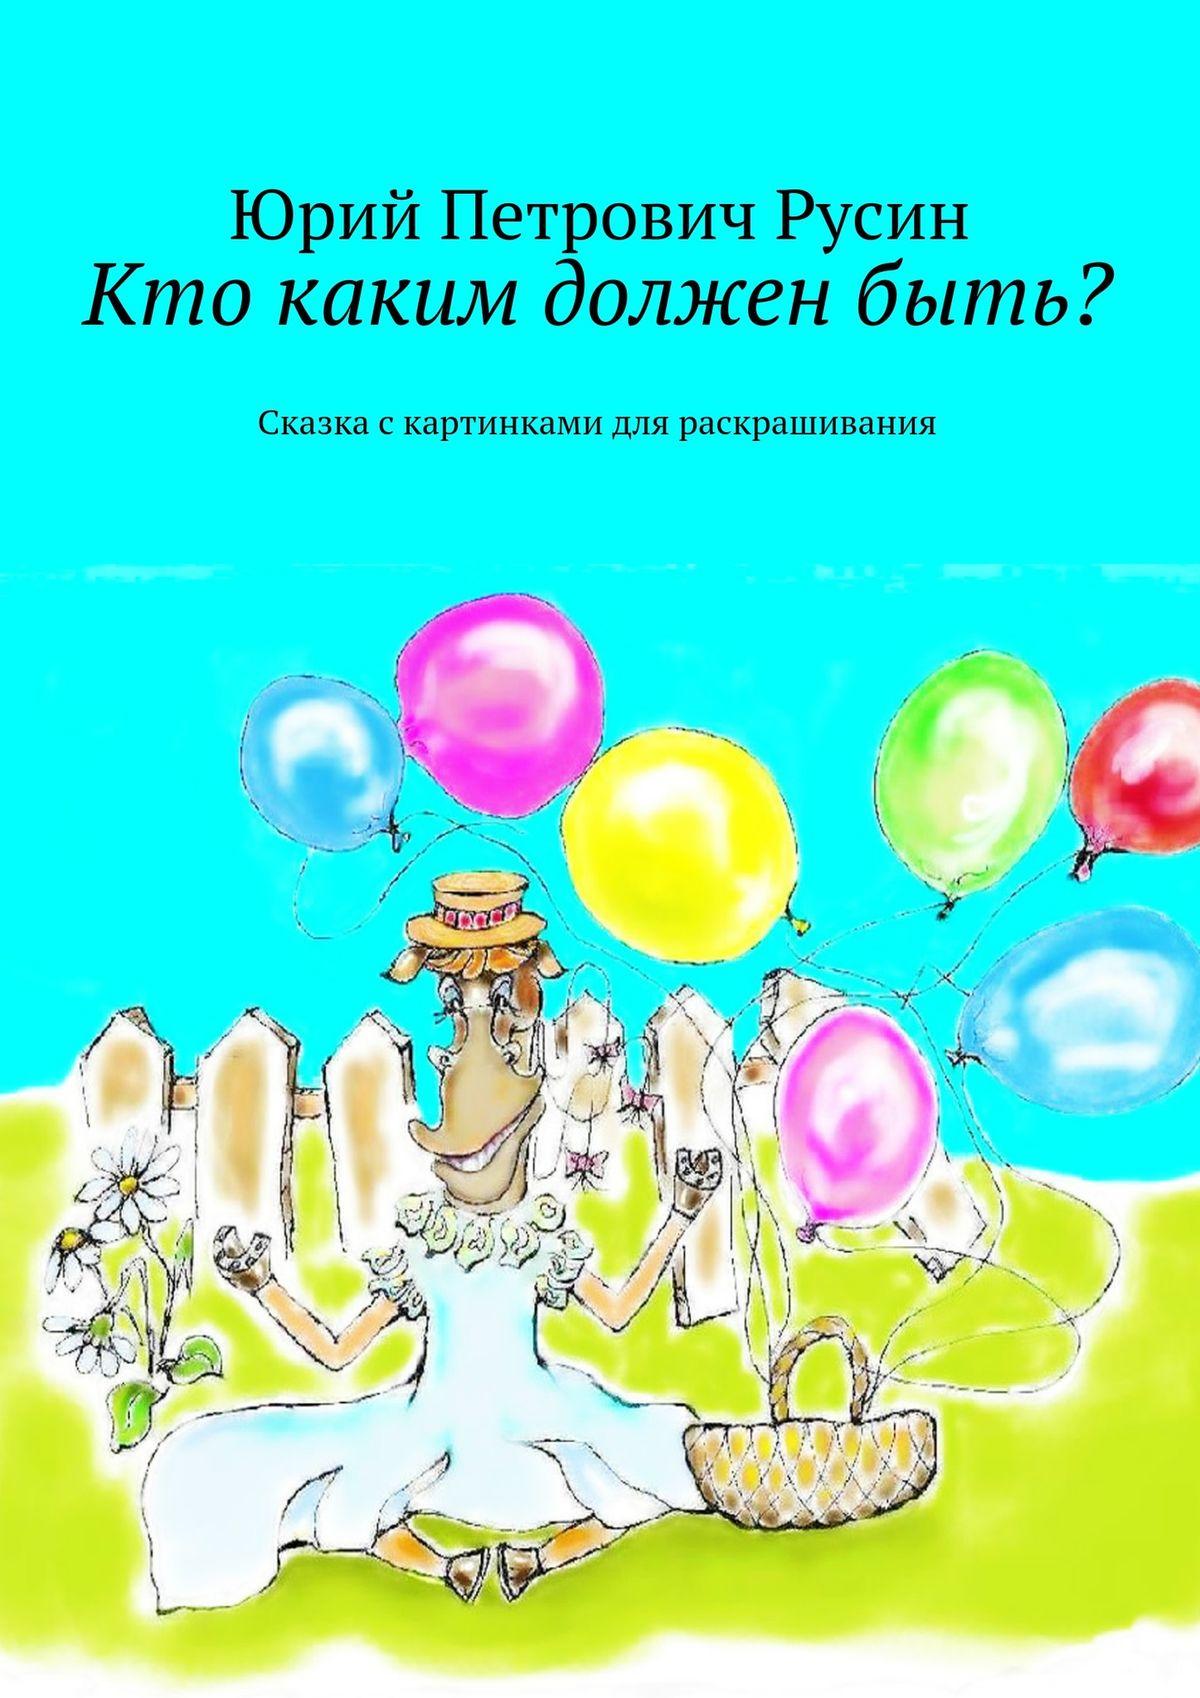 Юрий Петрович Русин Кто каким долженбыть? Сказка скартинками для раскрашивания юрий петрович русин жираф большой – ему видней…